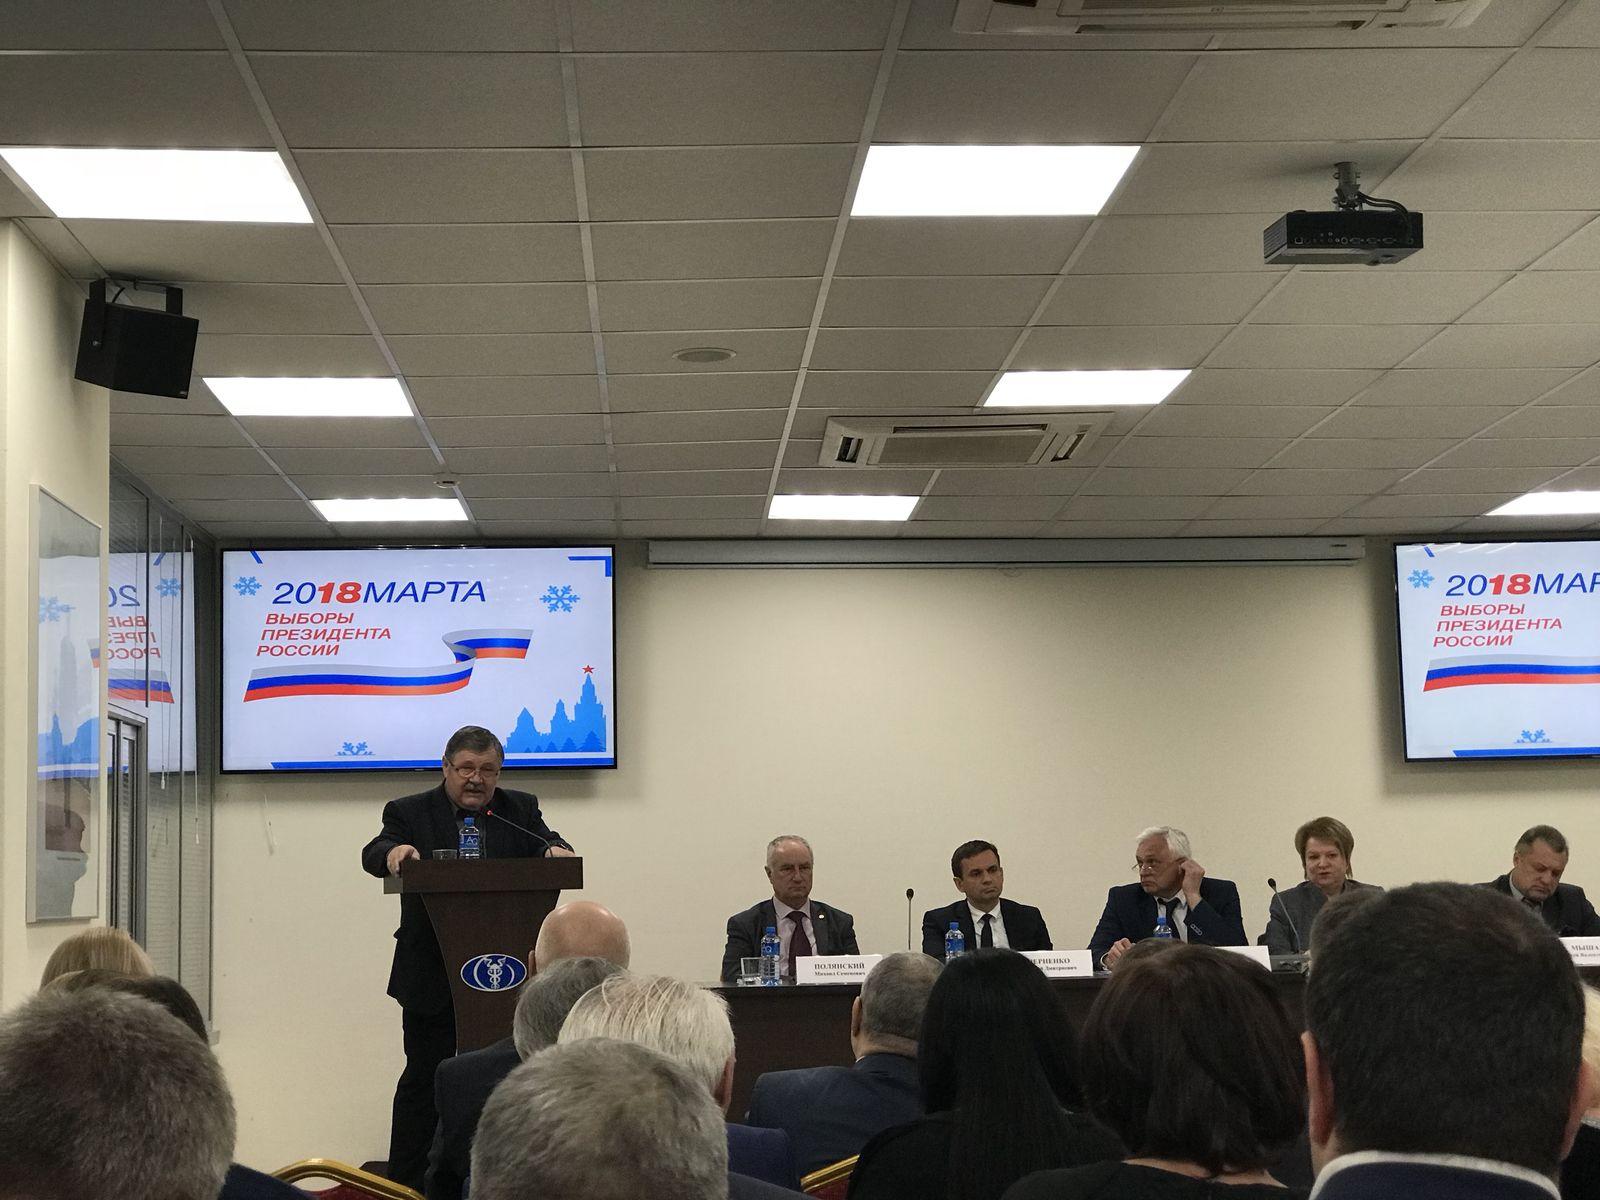 Ставропольские общественники ведут активную работу по подготовке к выборам Президента России